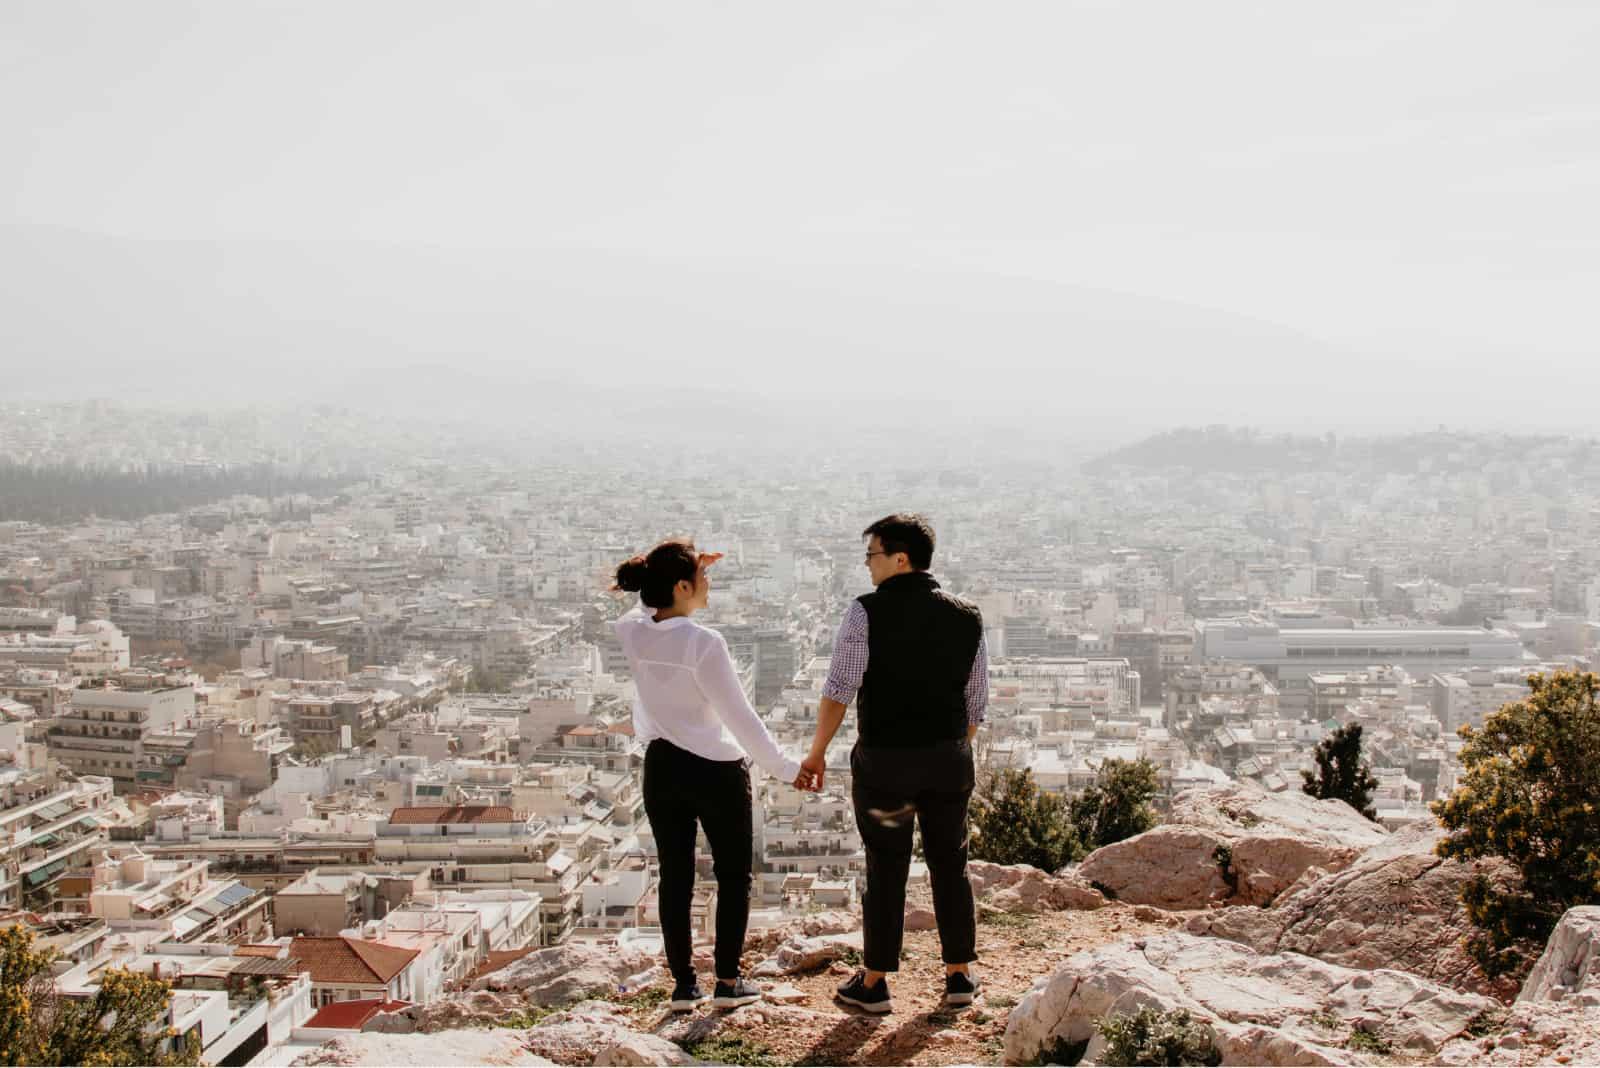 homme et femme se tenant la main en haut d'une falaise